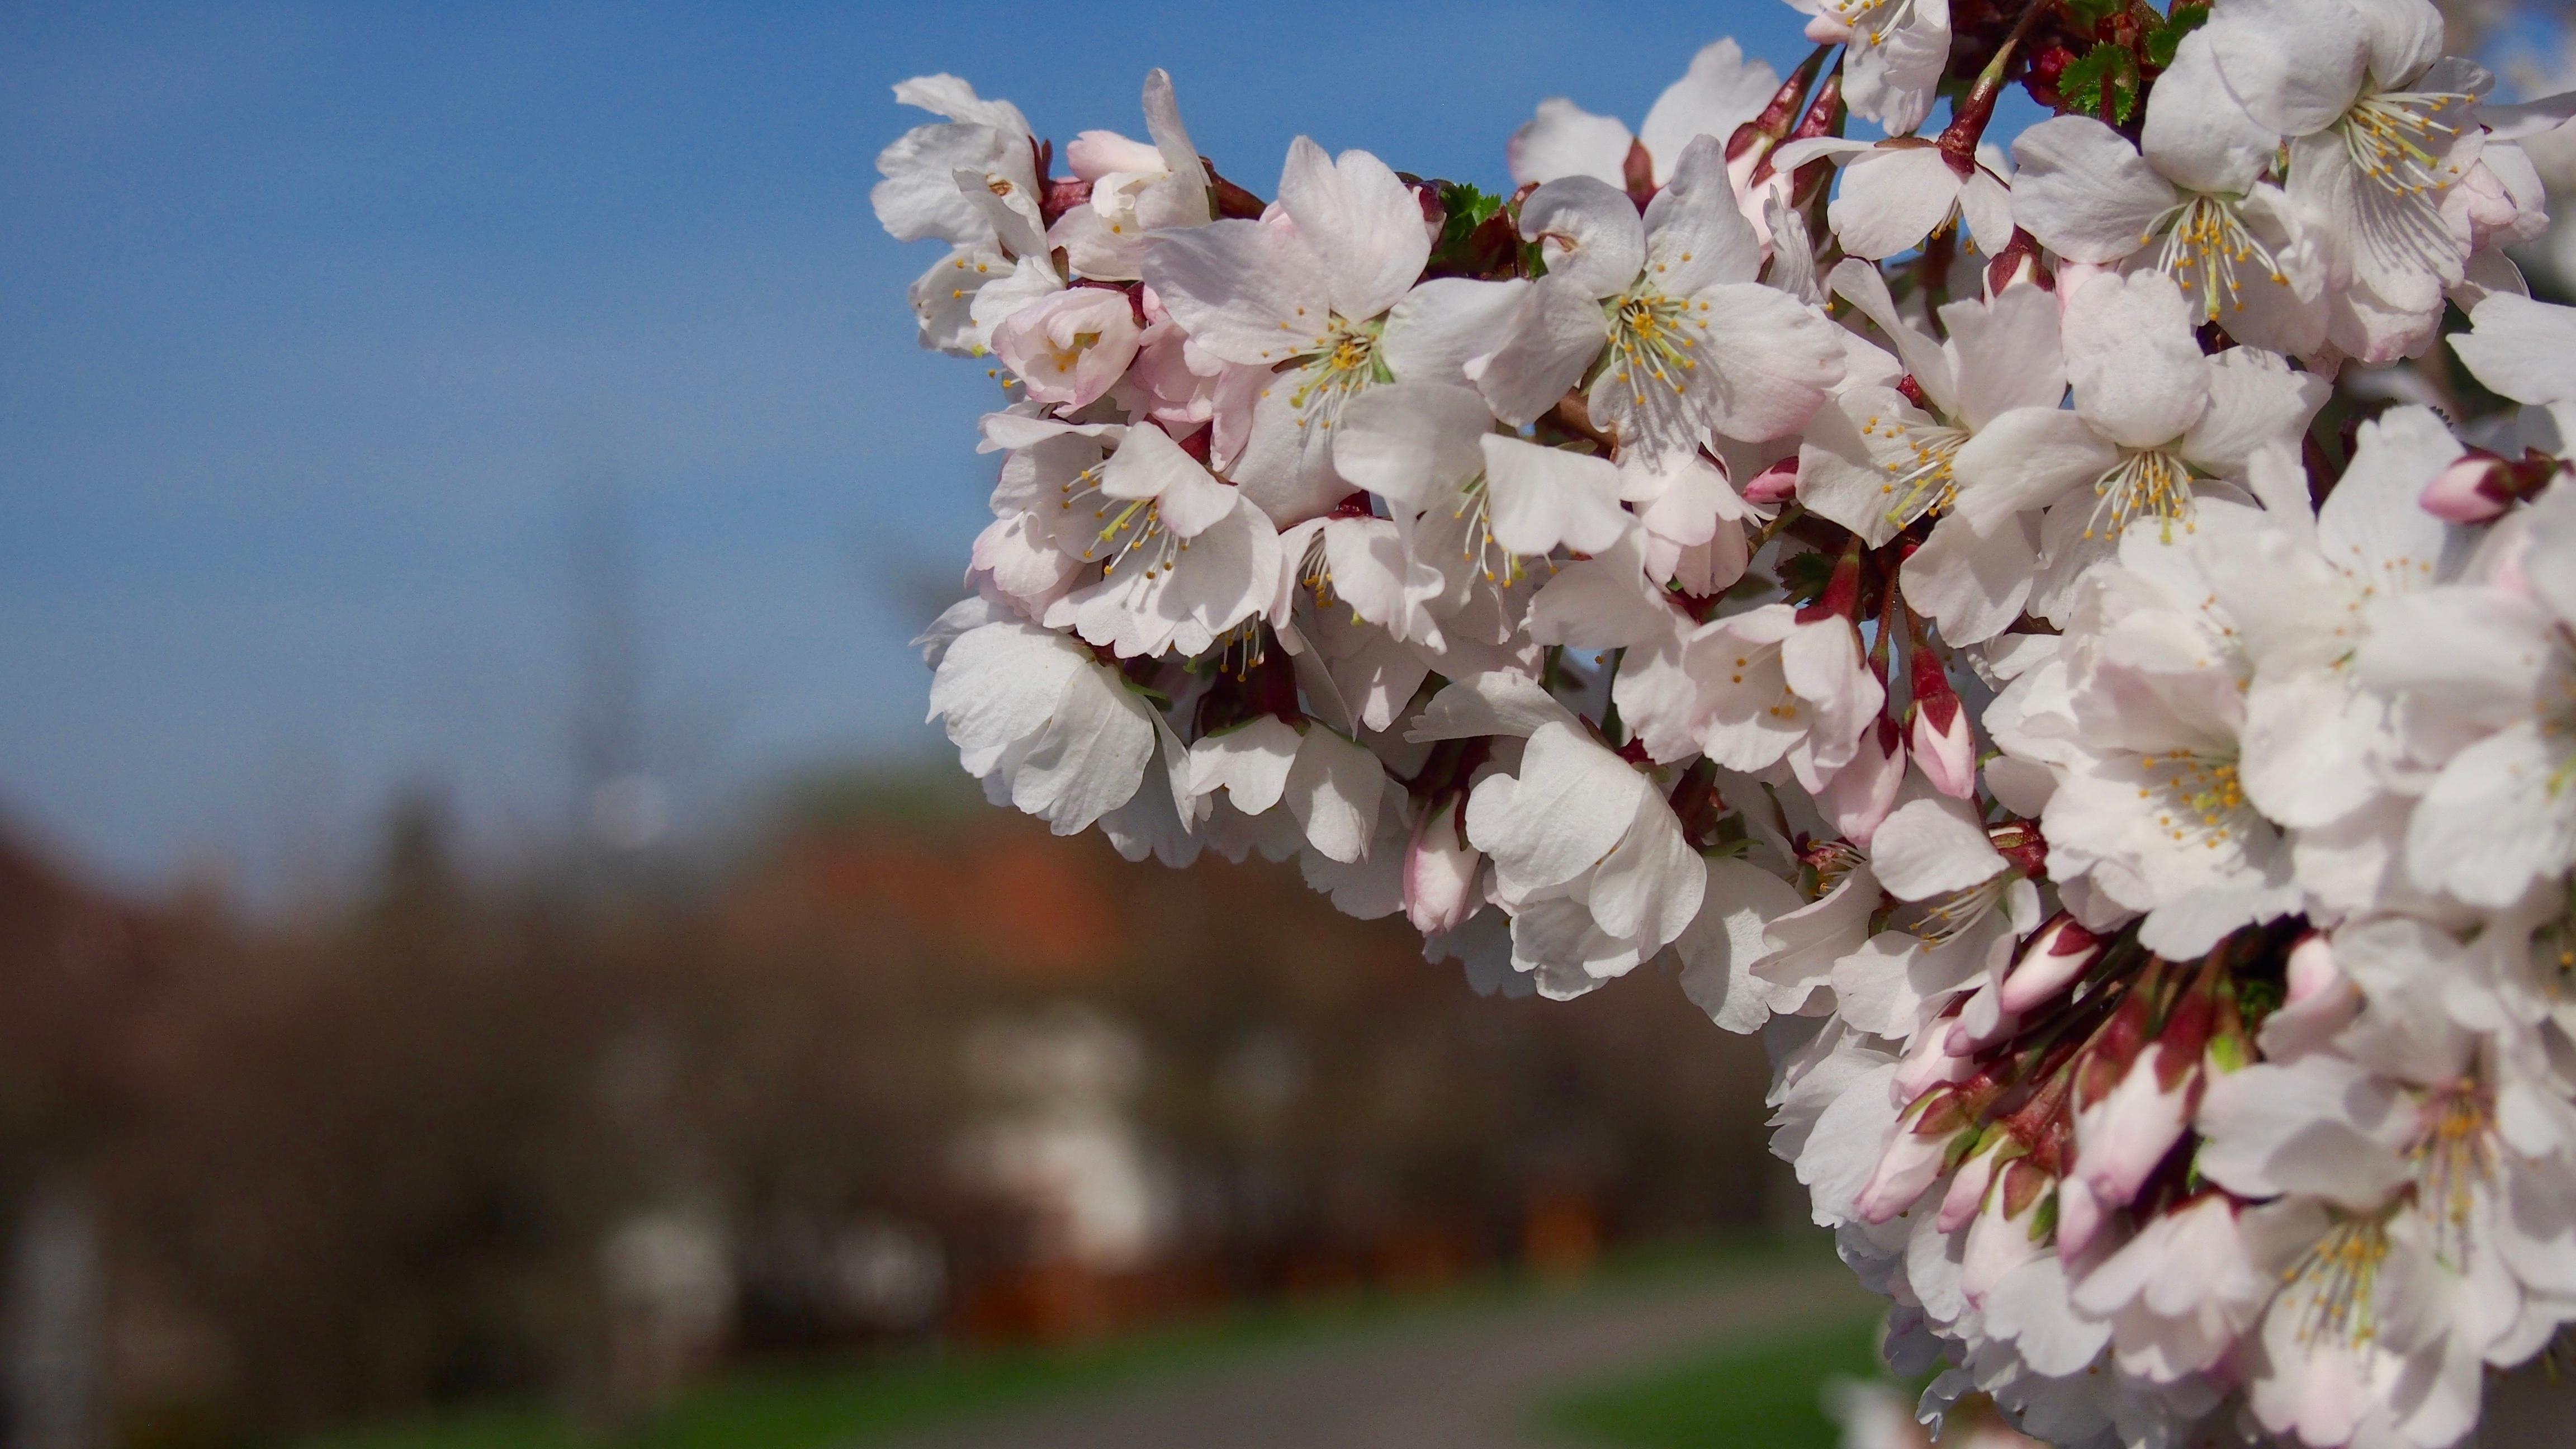 весна время расцветать картинки кухни шкафами купе